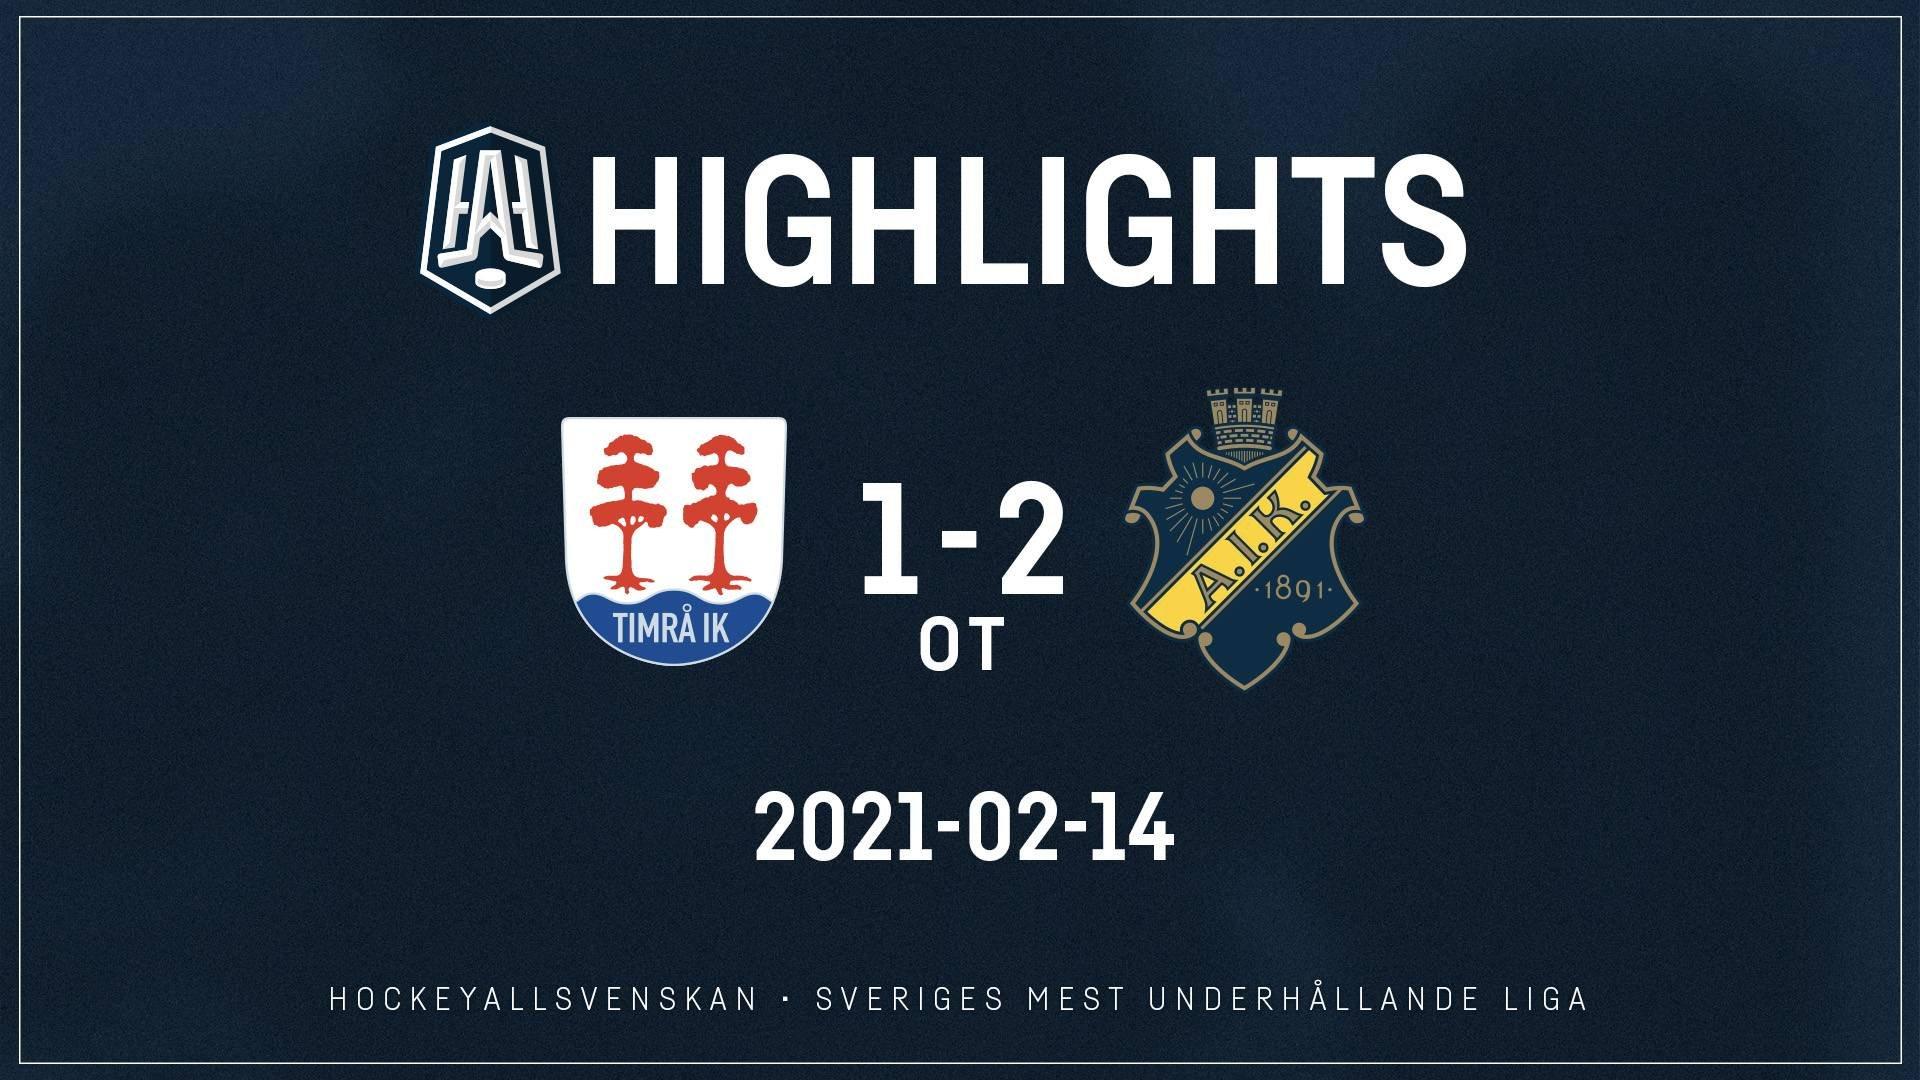 2021-02-14 Timrå - AIK 1-2 (OT)